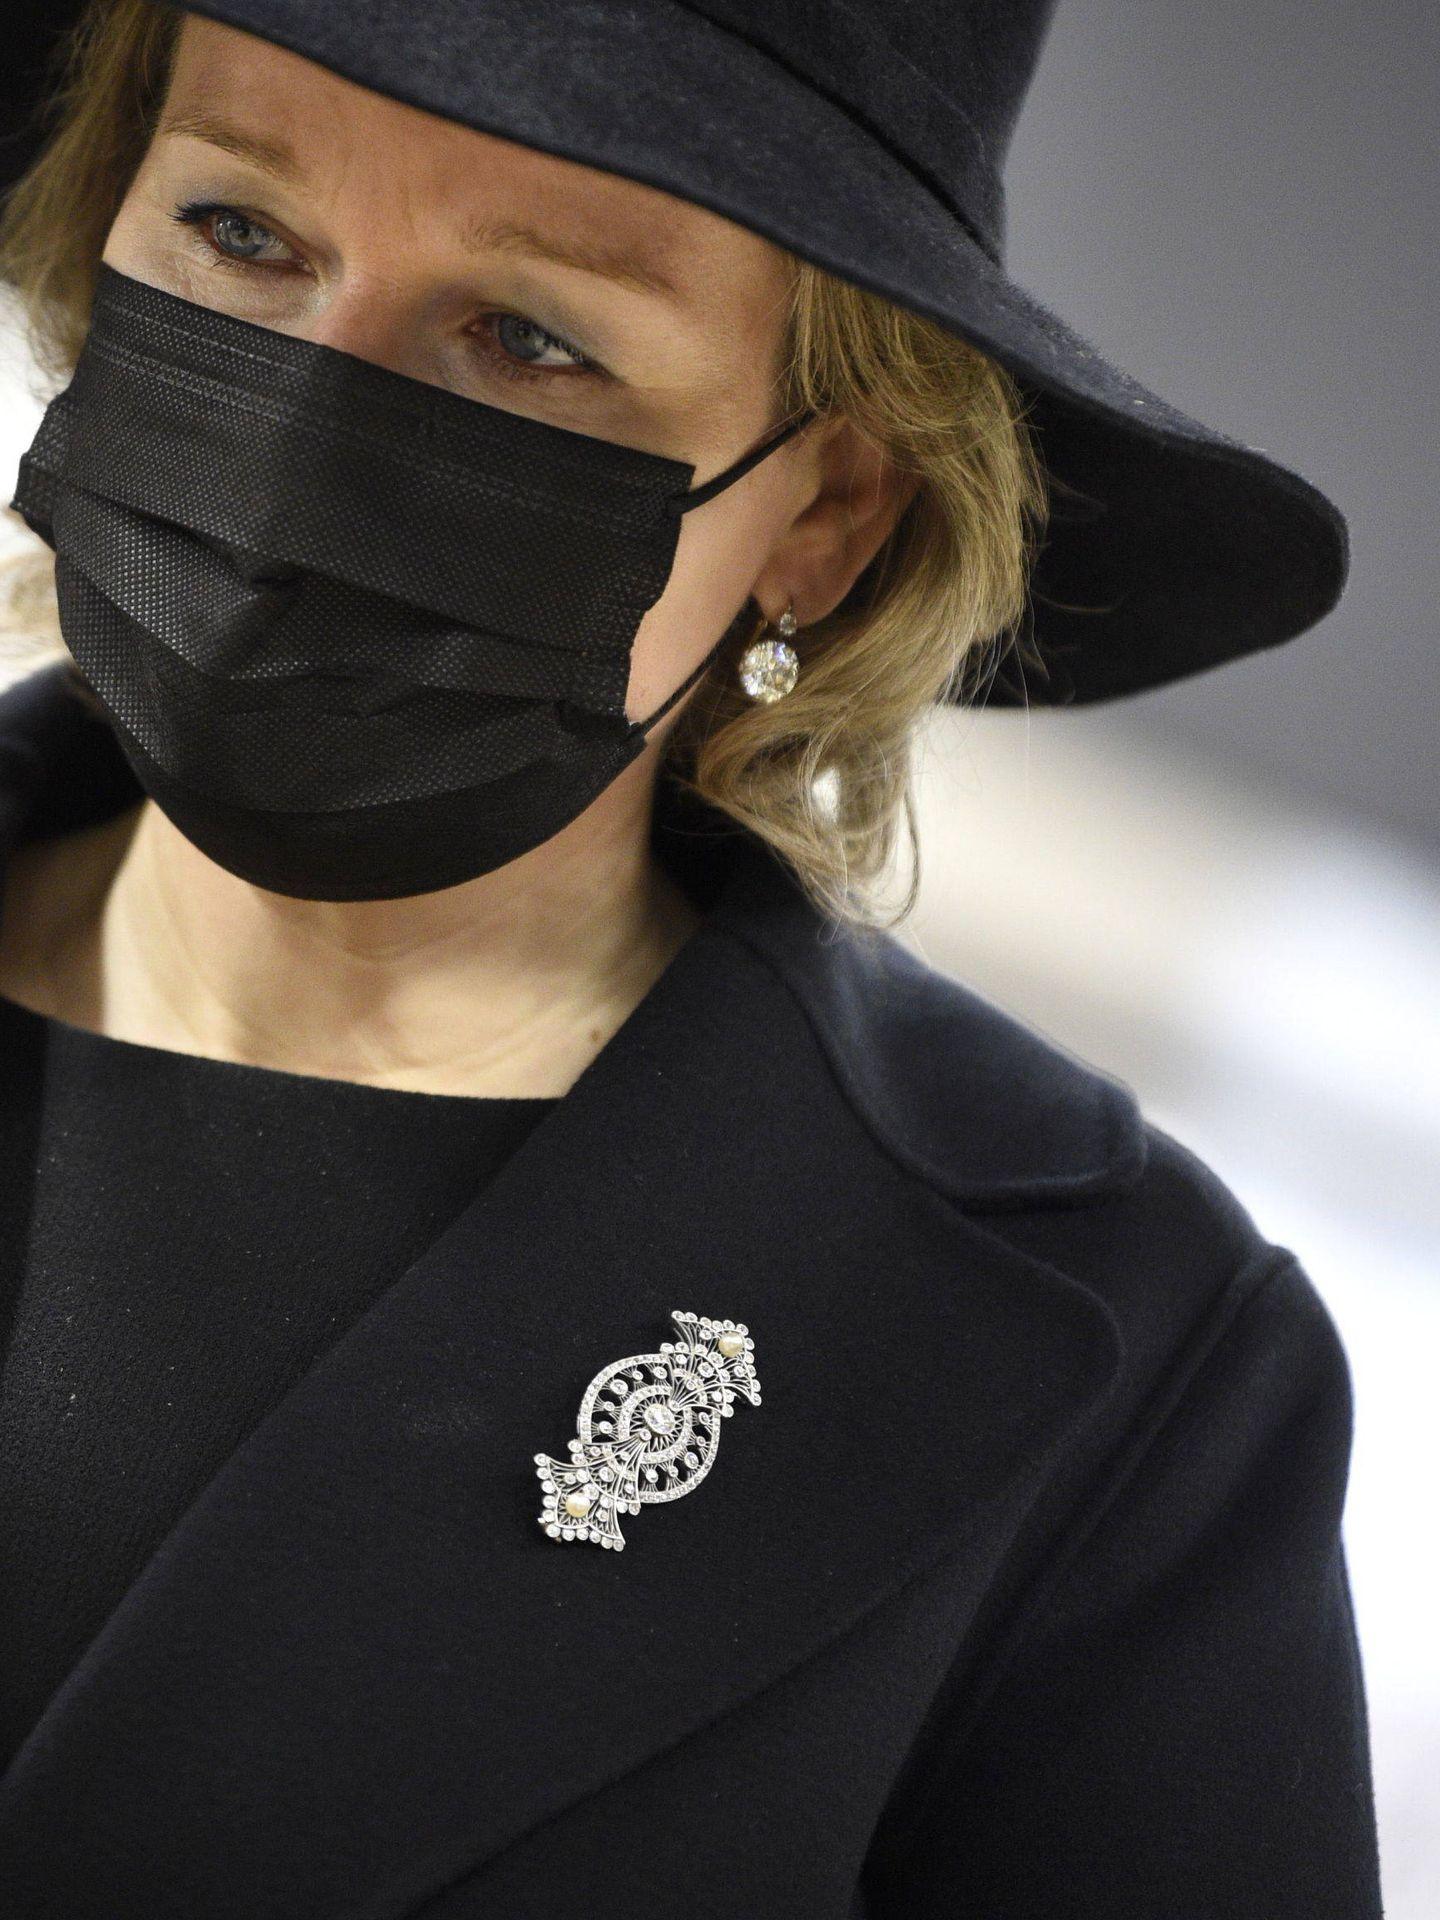 La reina Matilde, este lunes en el homenaje a las víctimas. (EFE)